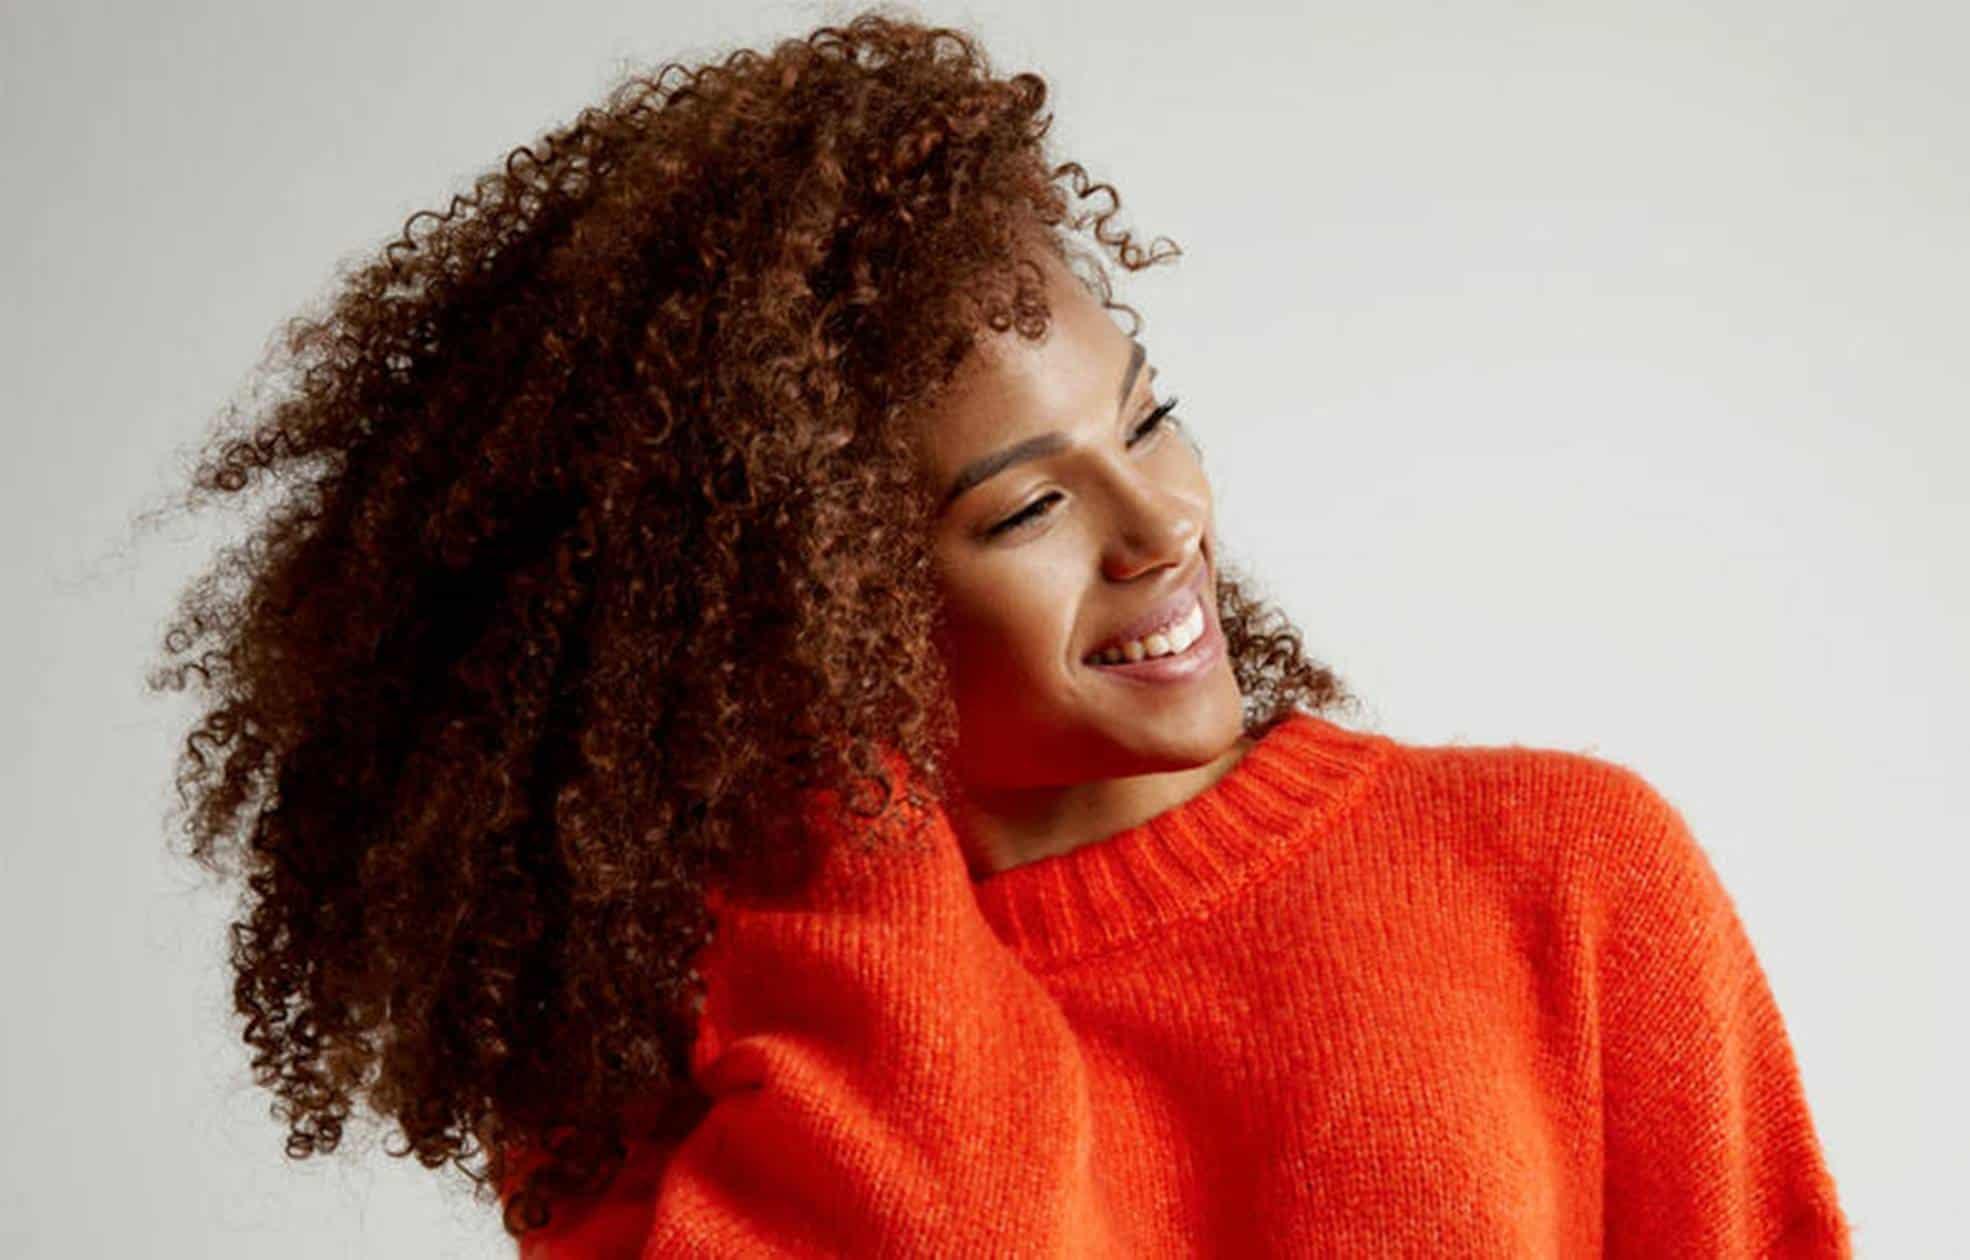 Confira estas 3 dicas de hidratação caseira para cabelos cacheados